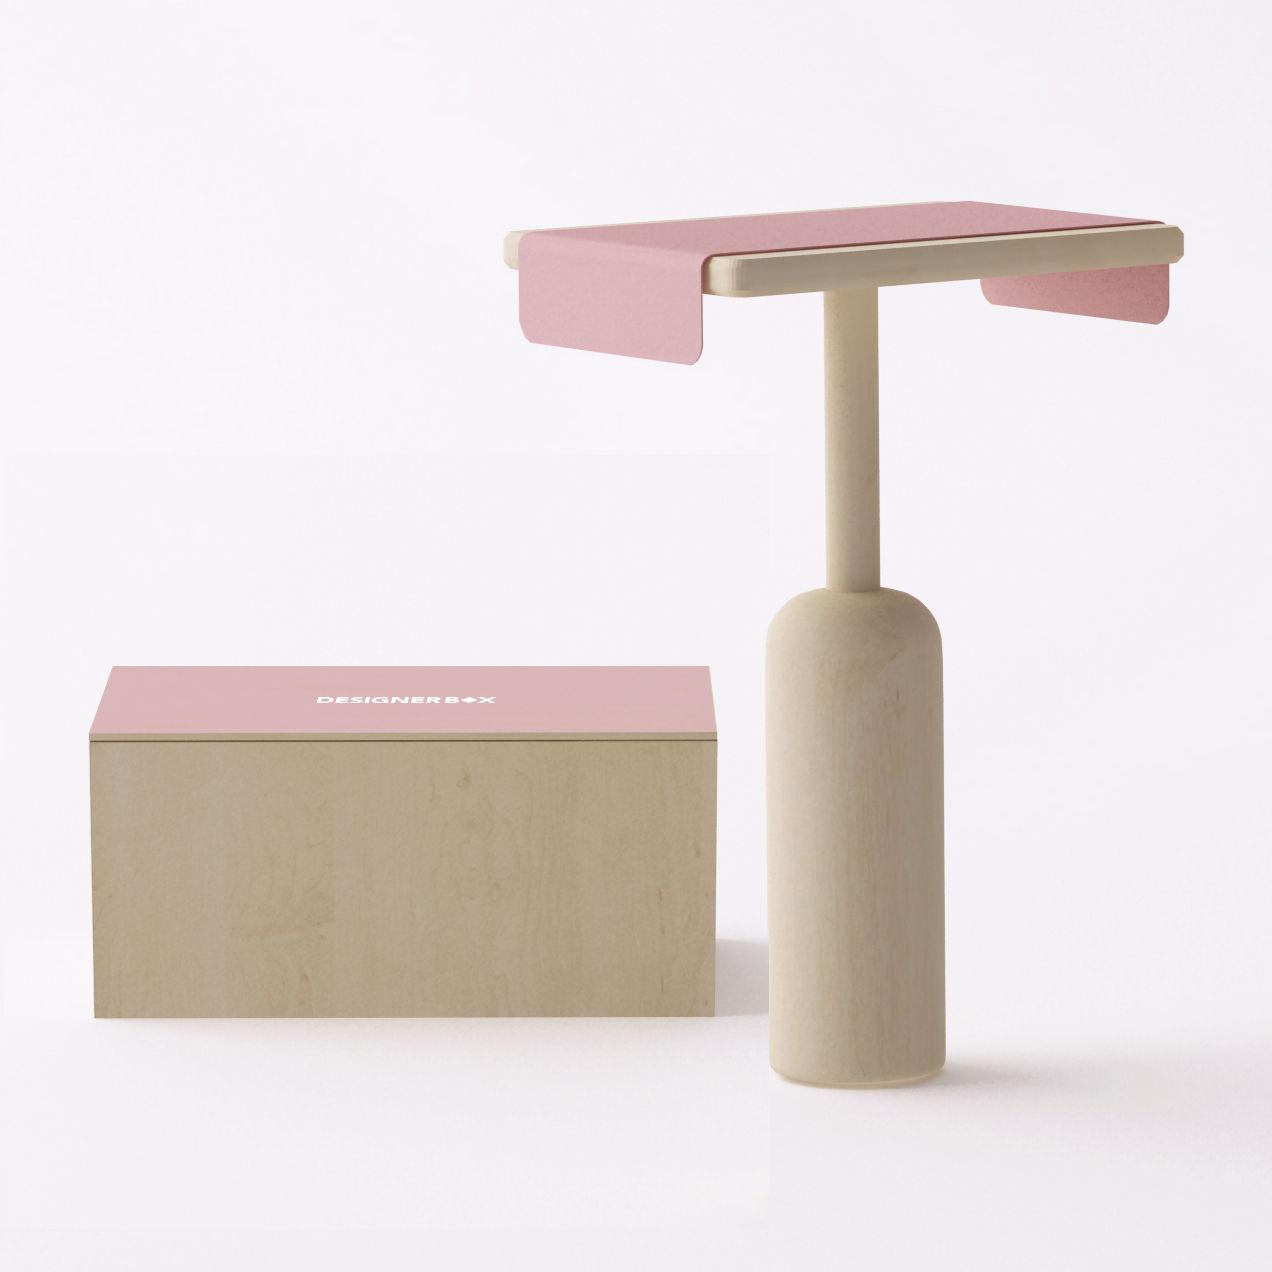 Mobilier - Tables basses - Coffret Made In Design / Table d'appoint Napa - Bina Baitel - Exclu - Designerbox - Bois et rose / Coffret bois - Bois, Métal laqué